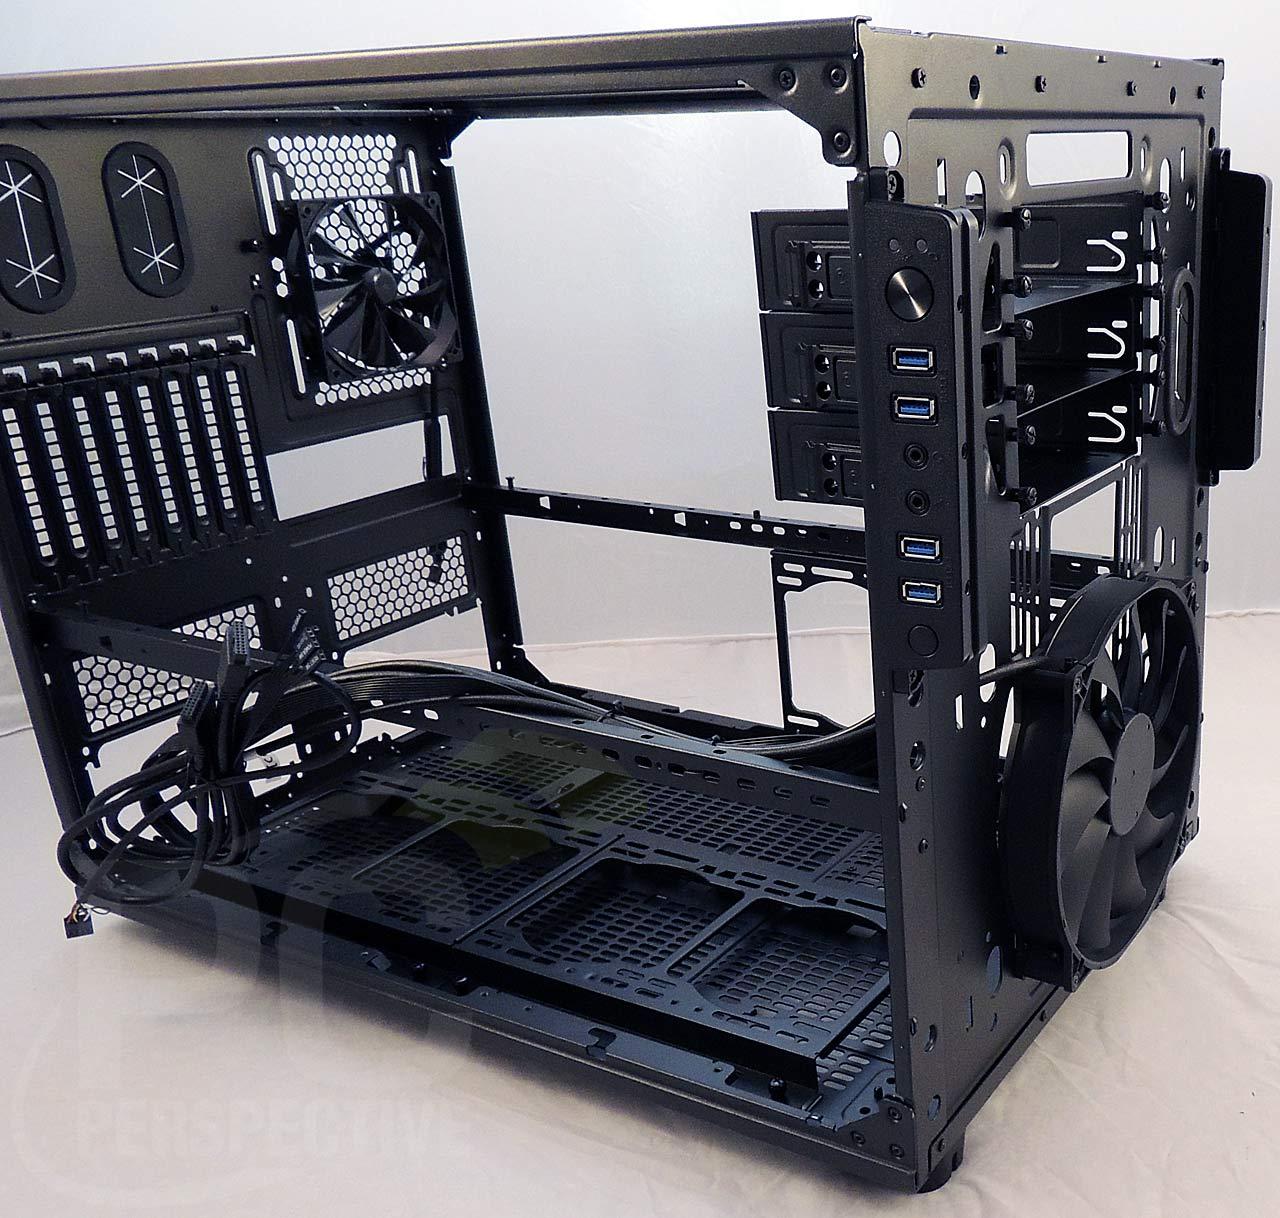 01-case-profile-left-allpartsremoved.jpg